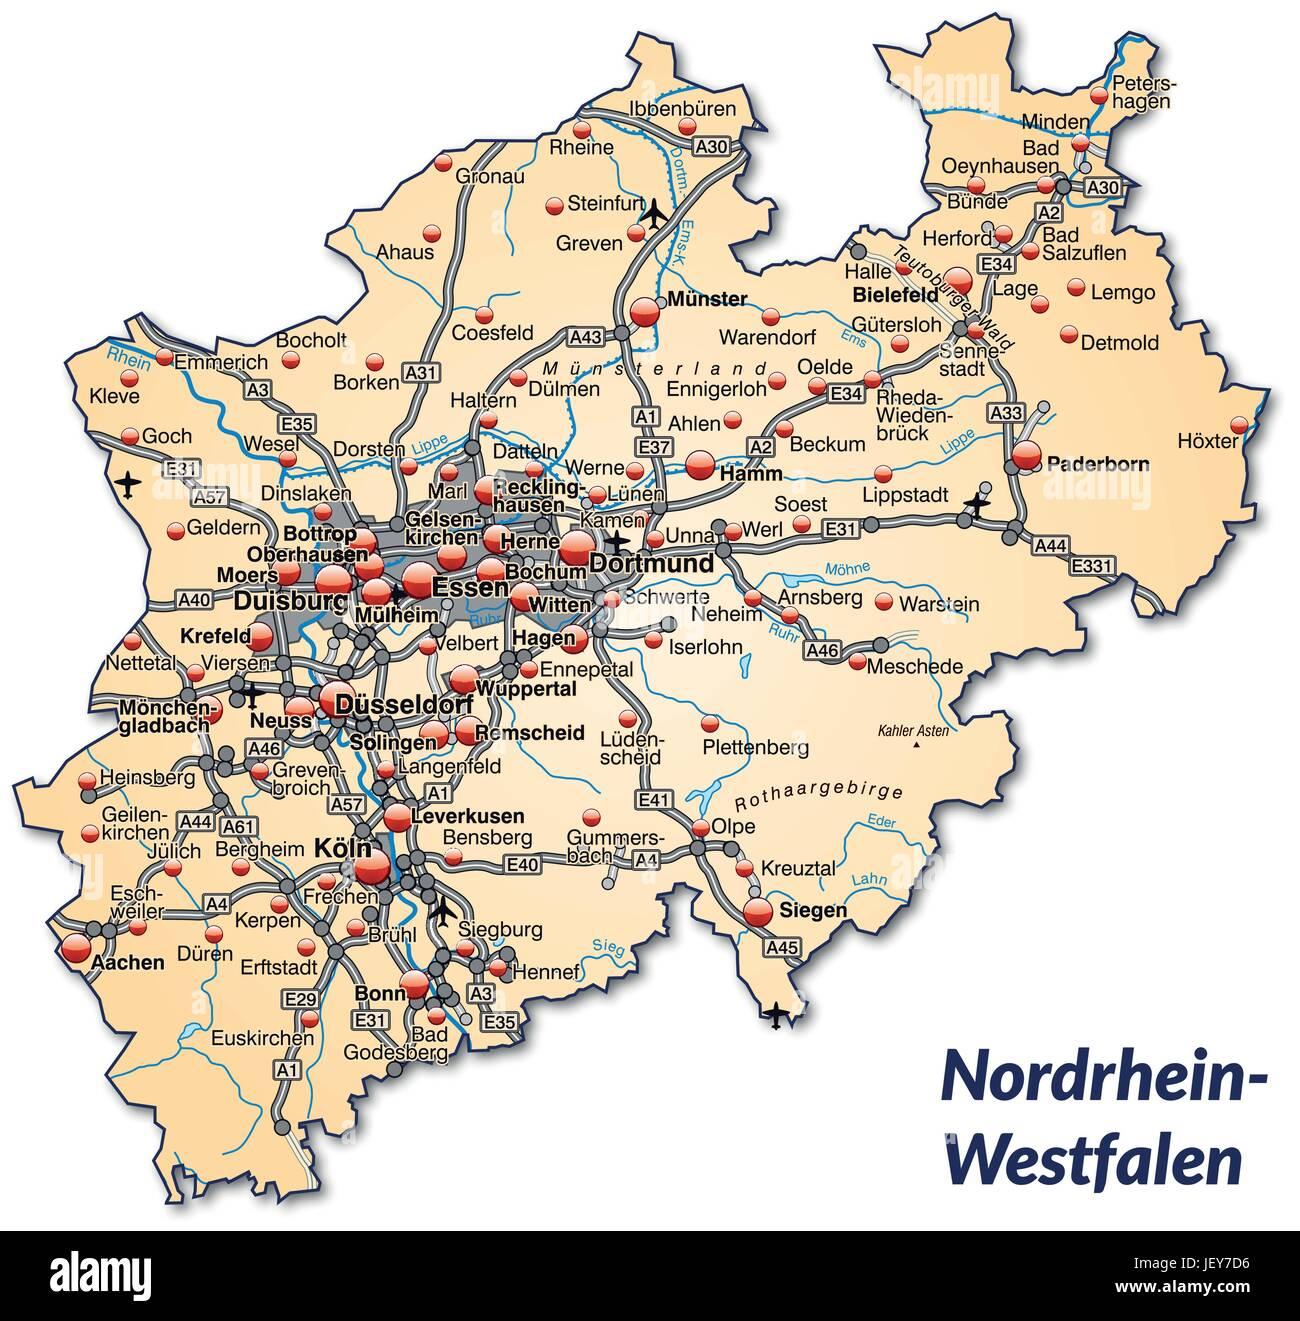 Nordrhein Westfalen Karte.Karte Von Nordrhein Westfalen Mit Verkehrsnetz In Pastell